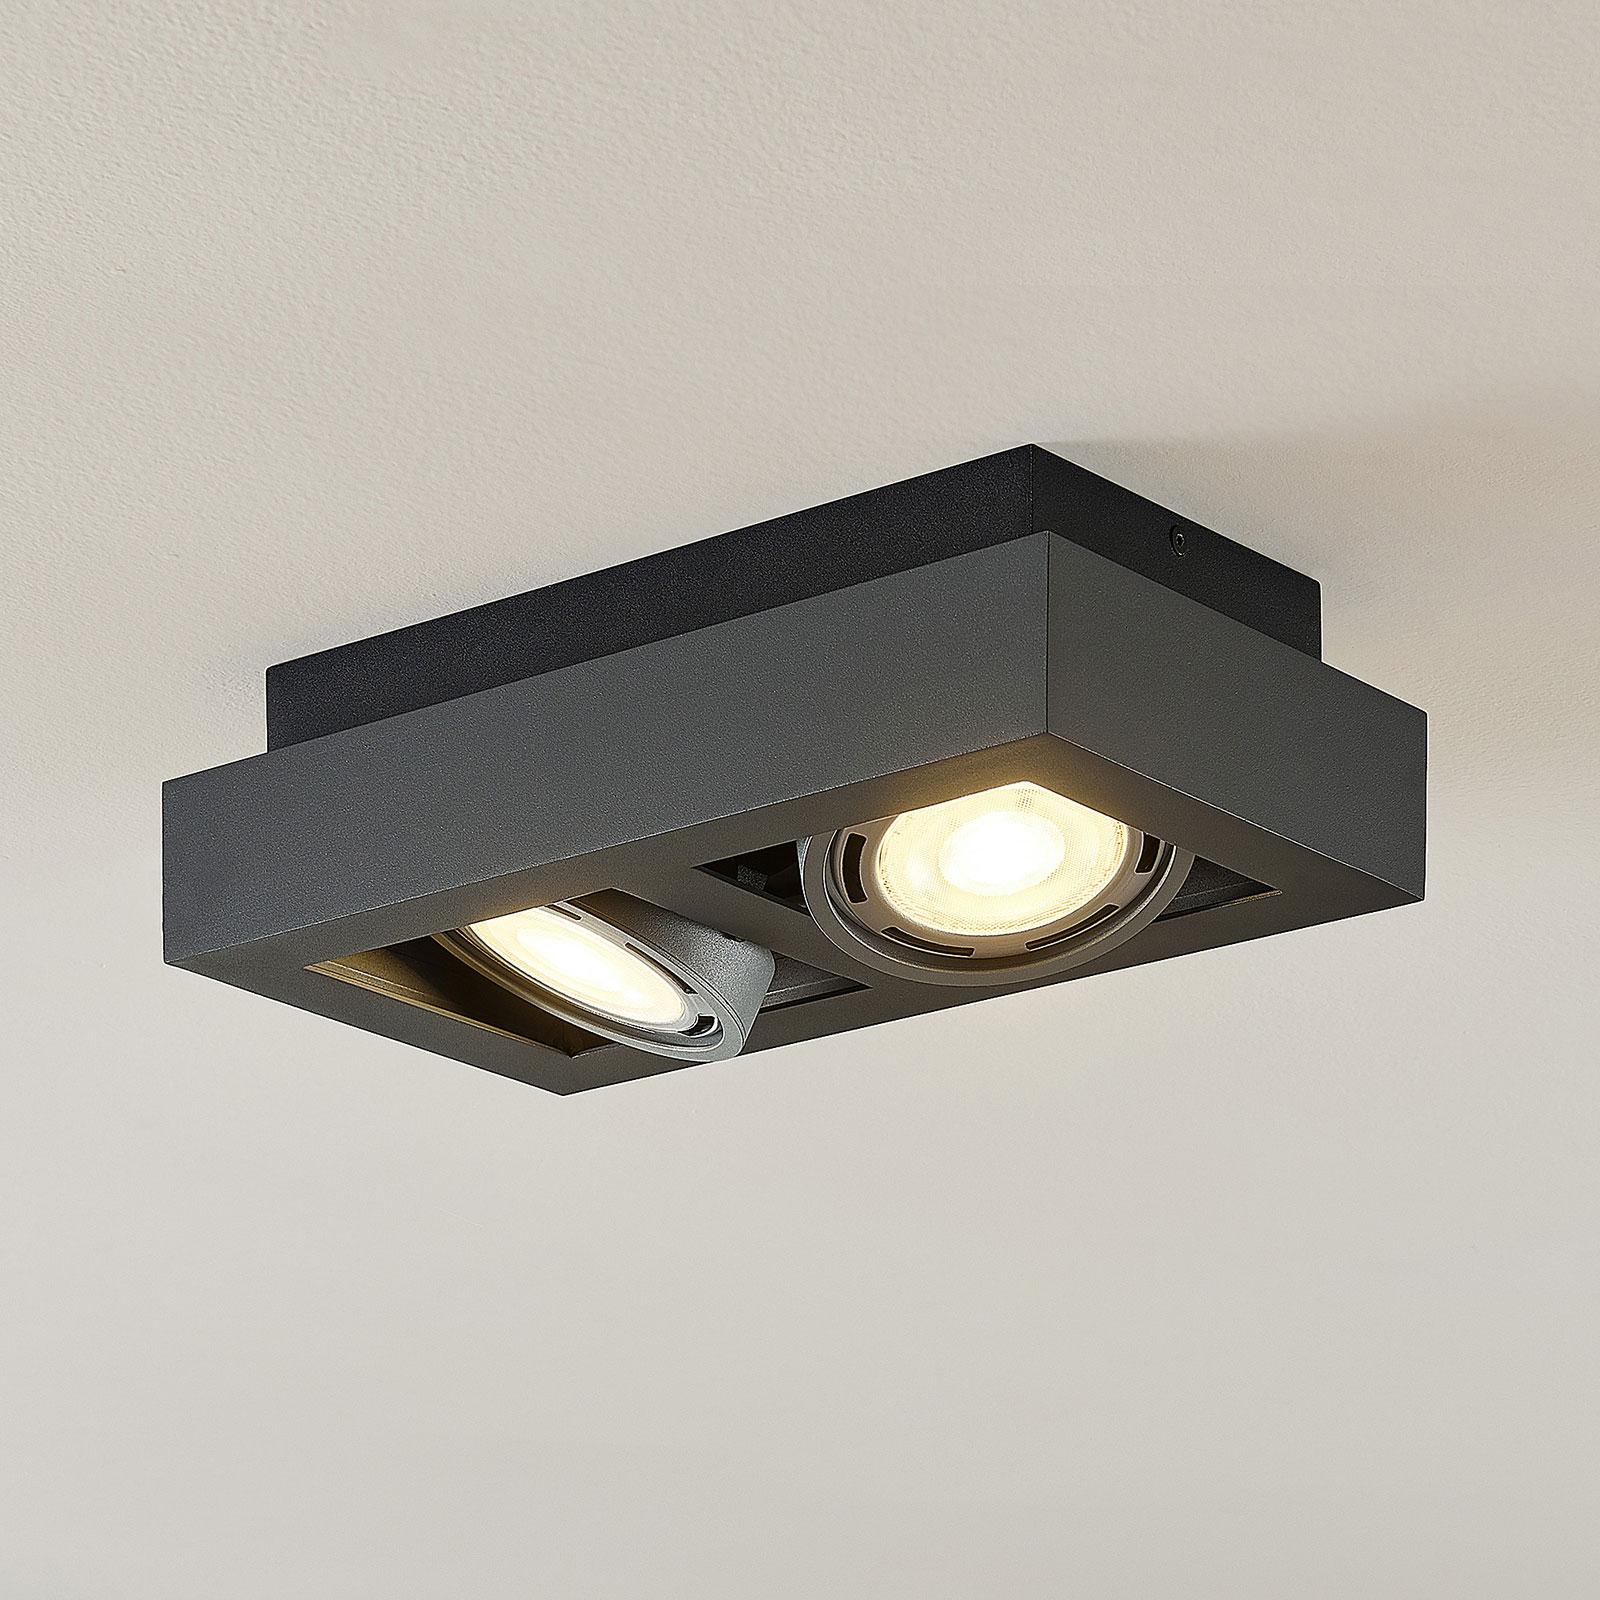 Spot pour plafond LED Ronka, 2 lampes, gris foncé